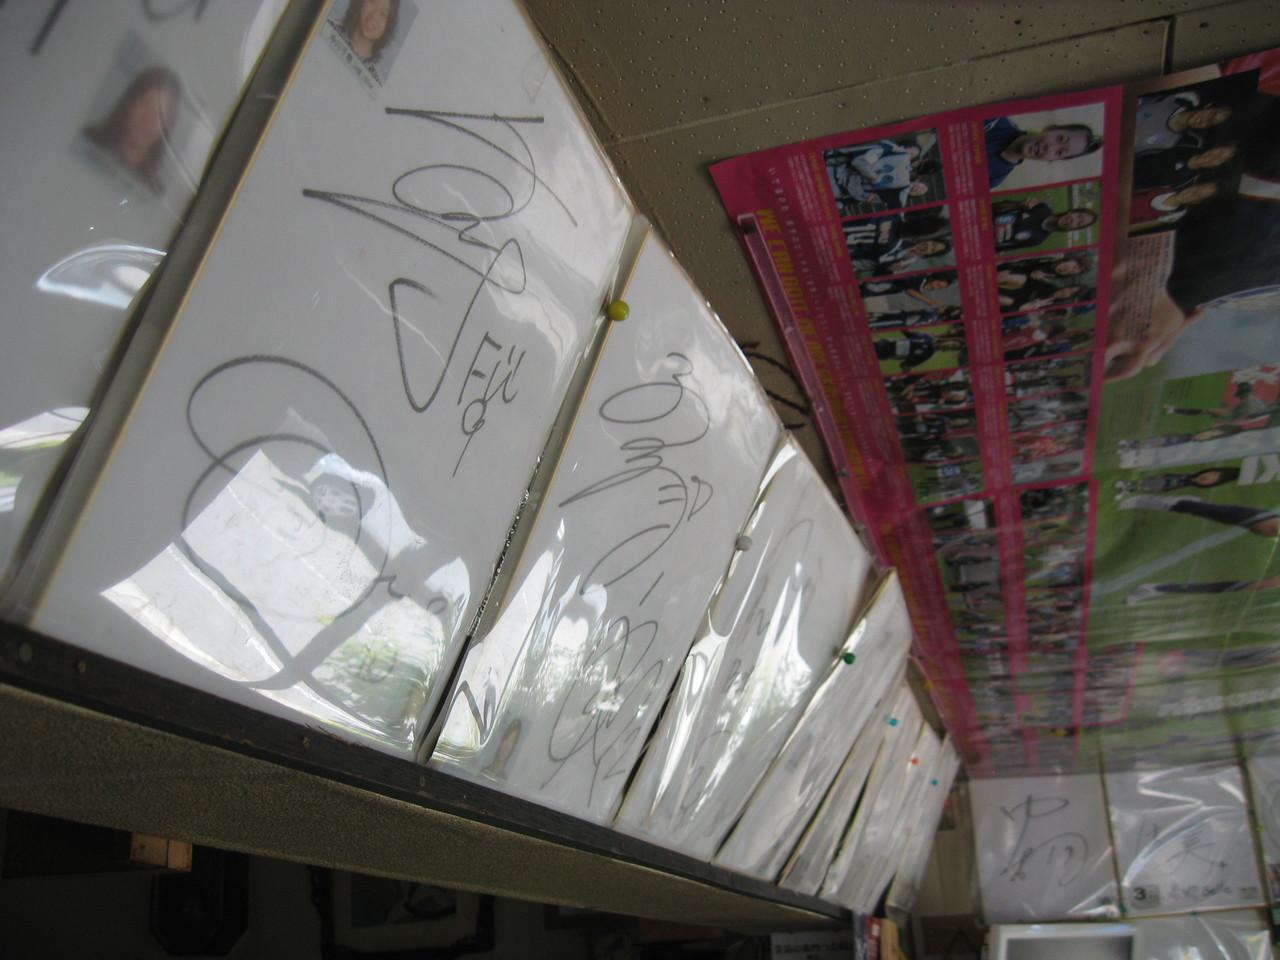 岡山湯郷ベル選手から頂いたサインを飾っています